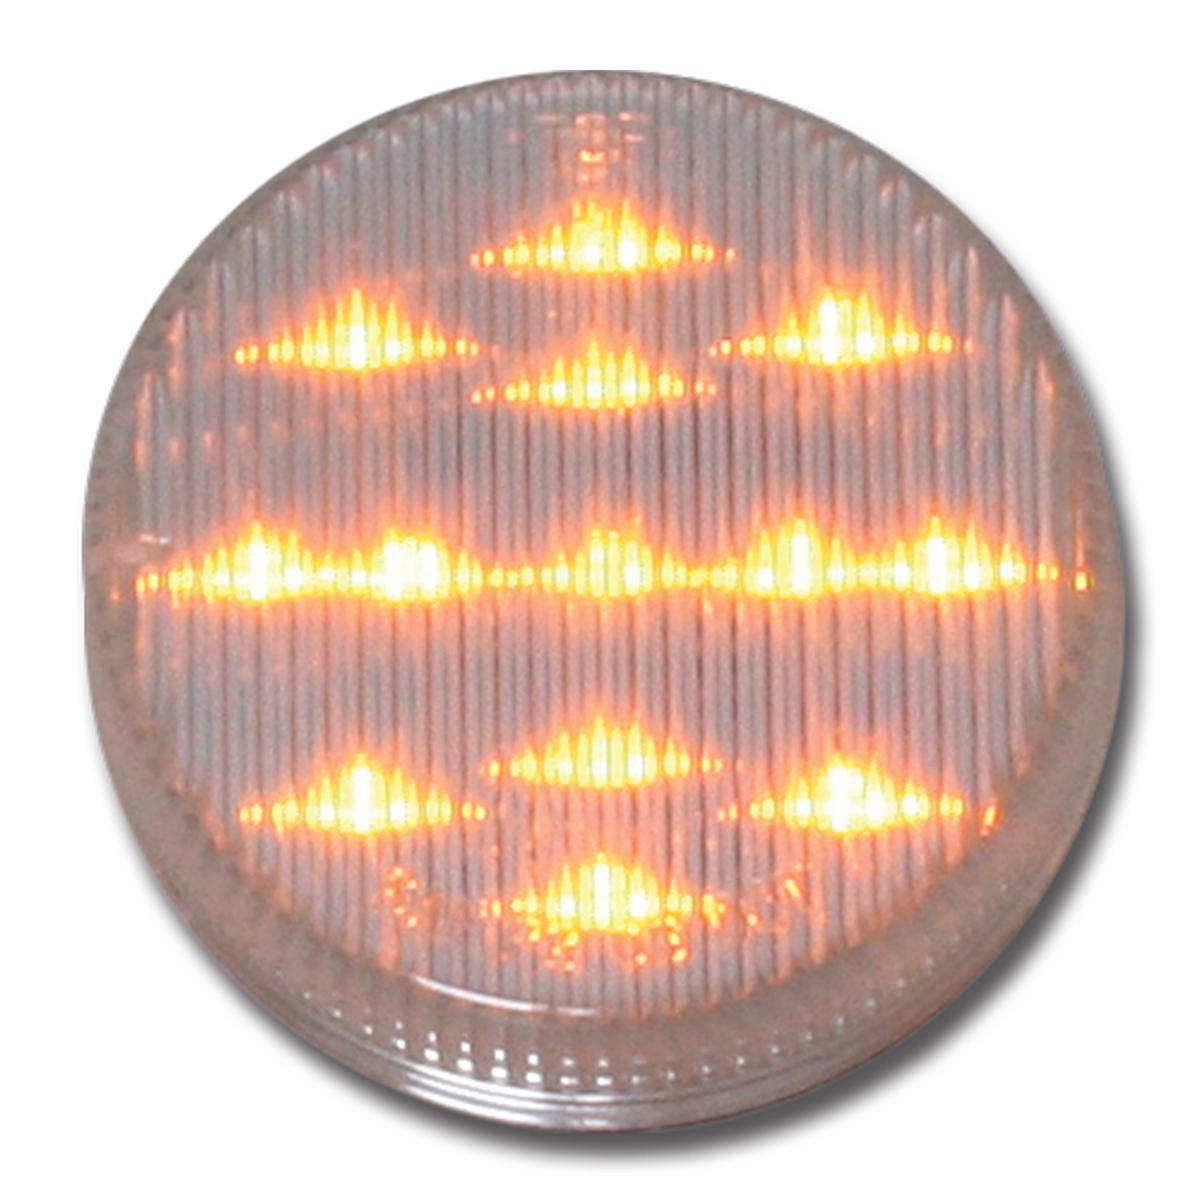 2 12 round fleet marker light grand general auto parts 79317 2 12 round fleet marker light aloadofball Choice Image